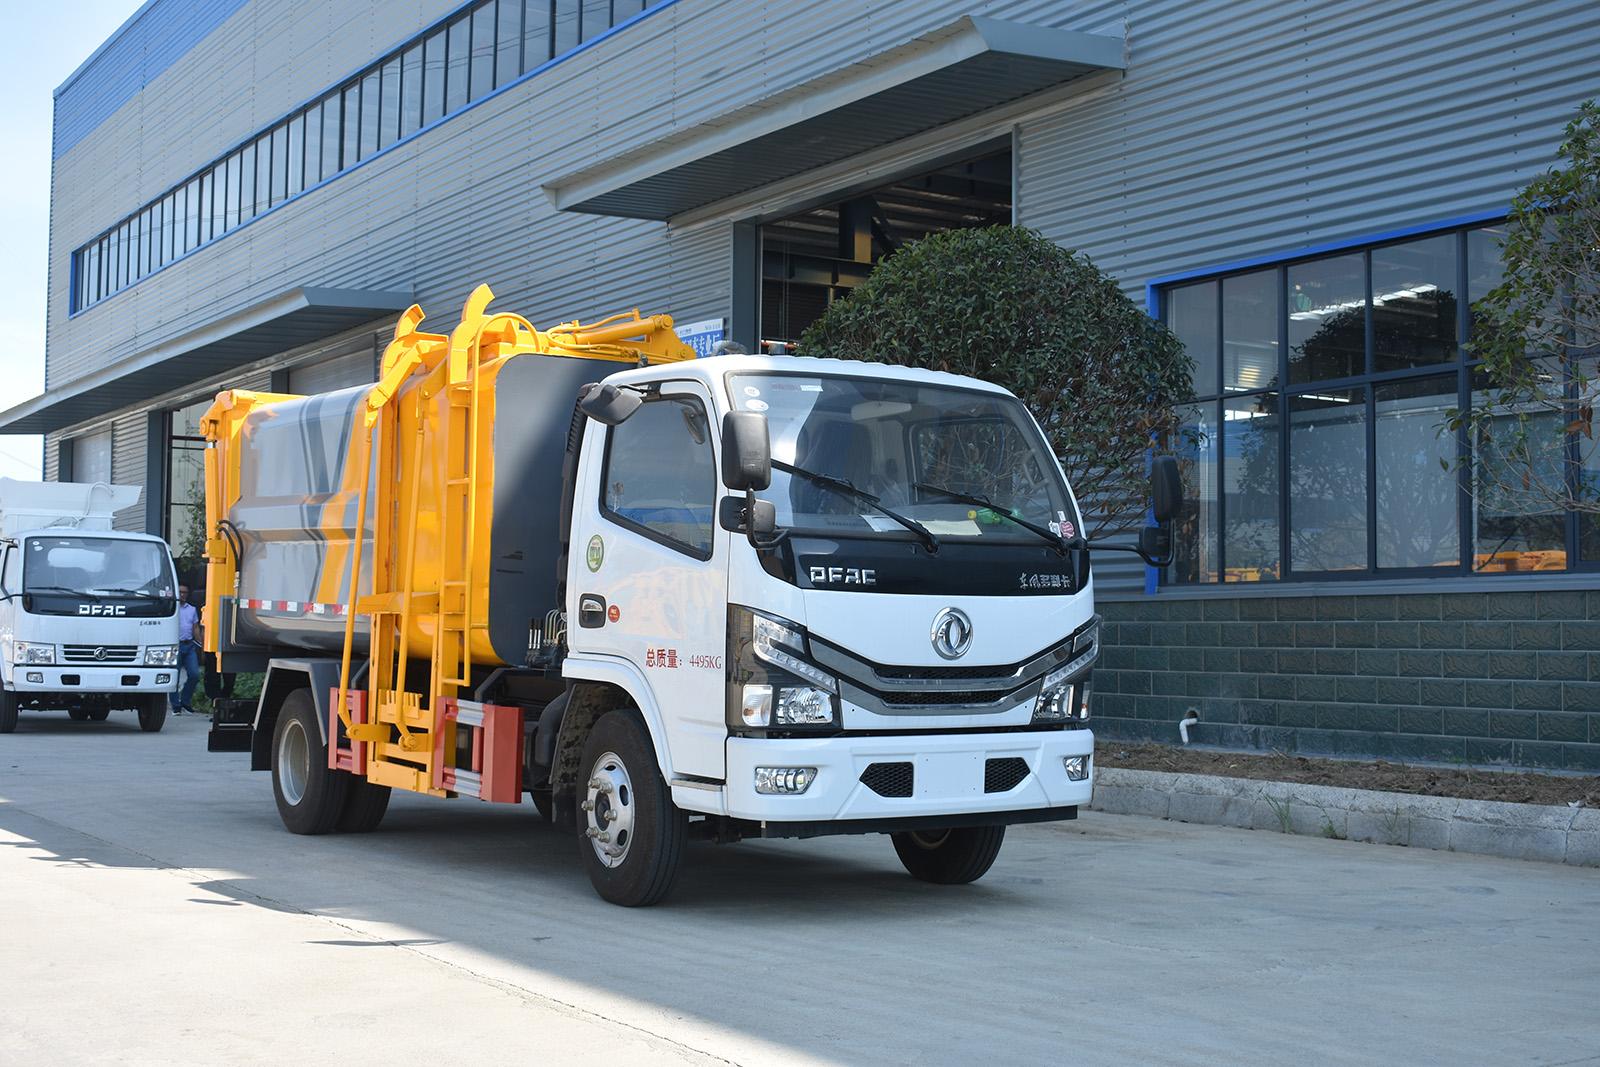 東風多利卡自裝卸式垃圾車圖片專汽詳情頁圖片